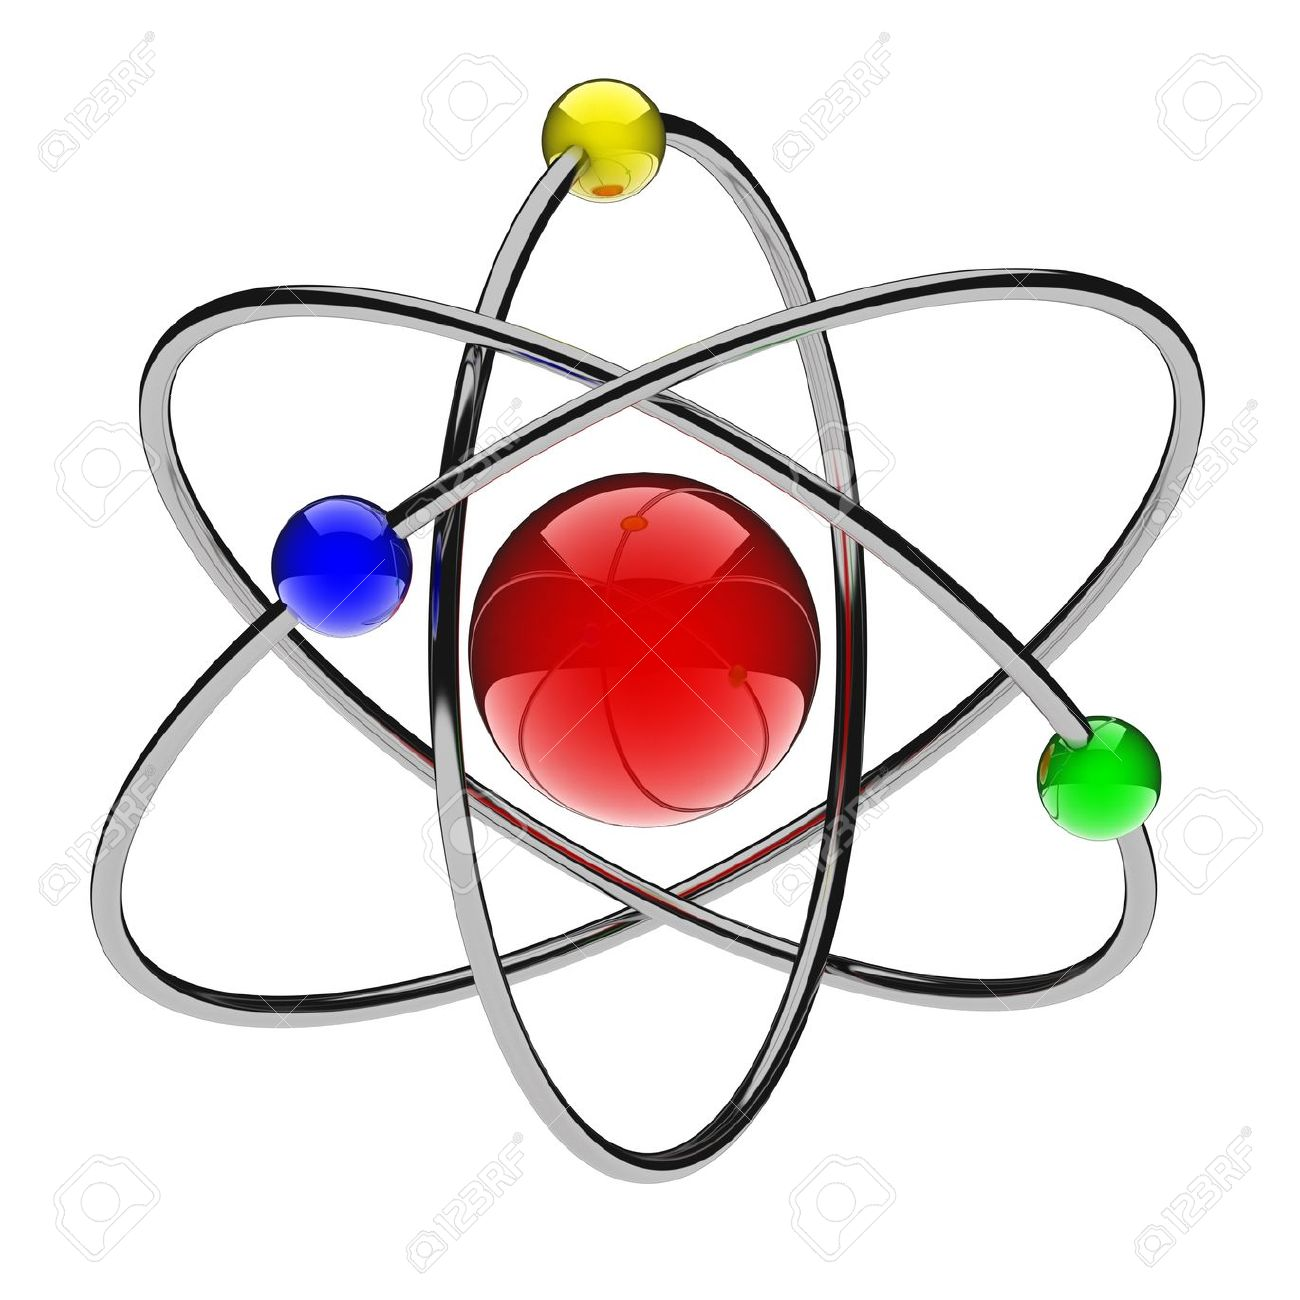 1300x1300 Atom Nucleus Clipart